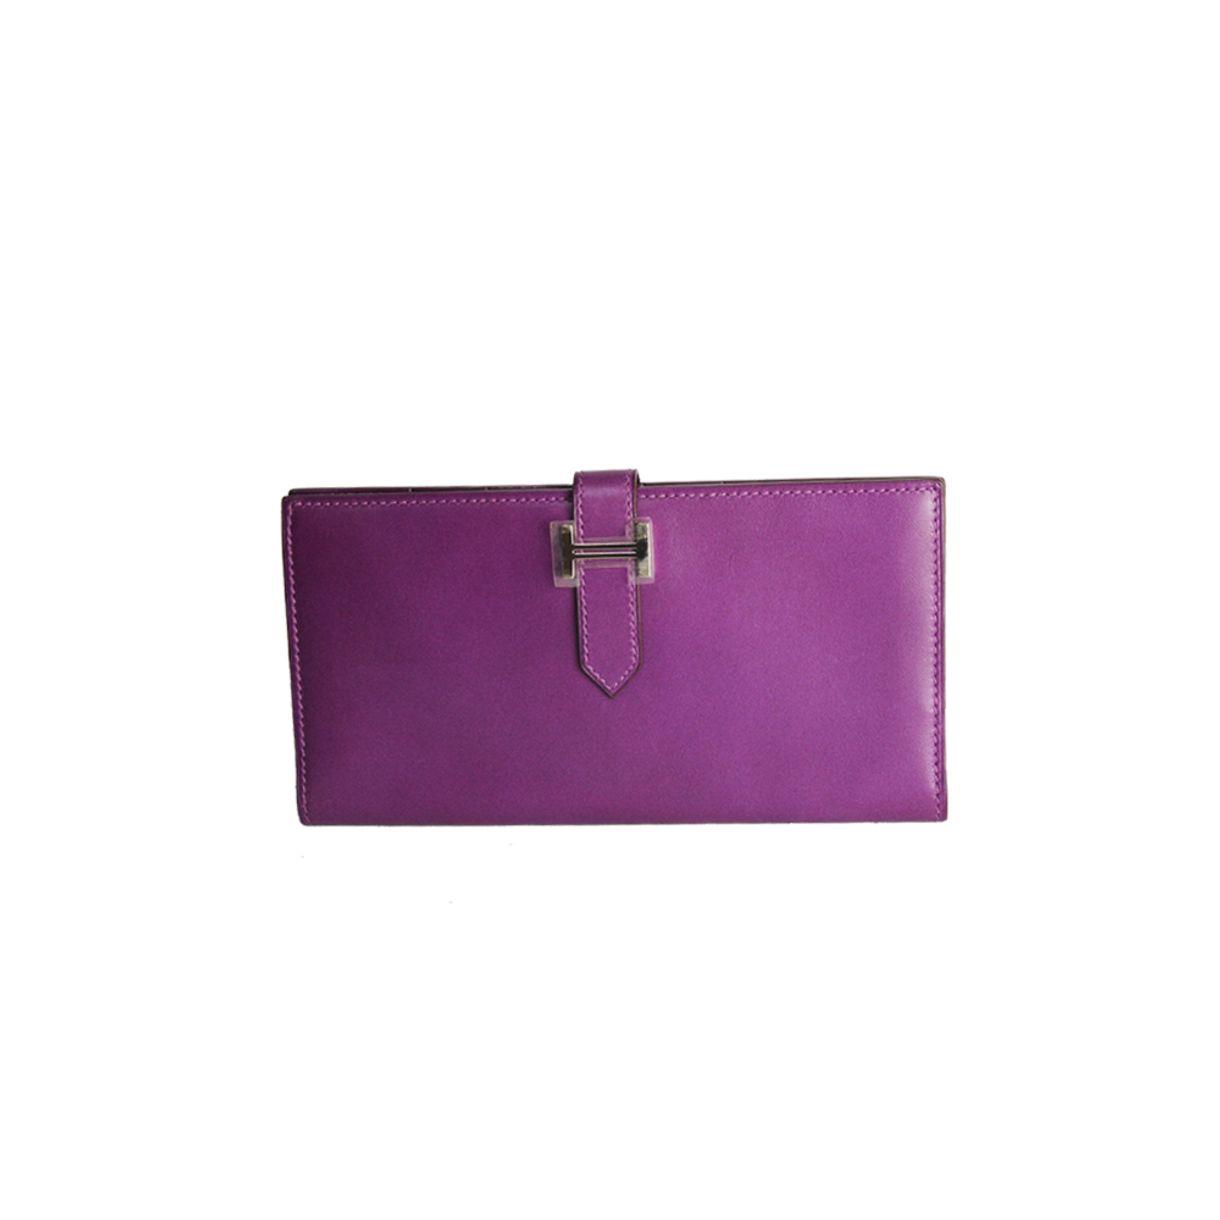 Carteira-Hermes-Bearn-Wallet-Roxa